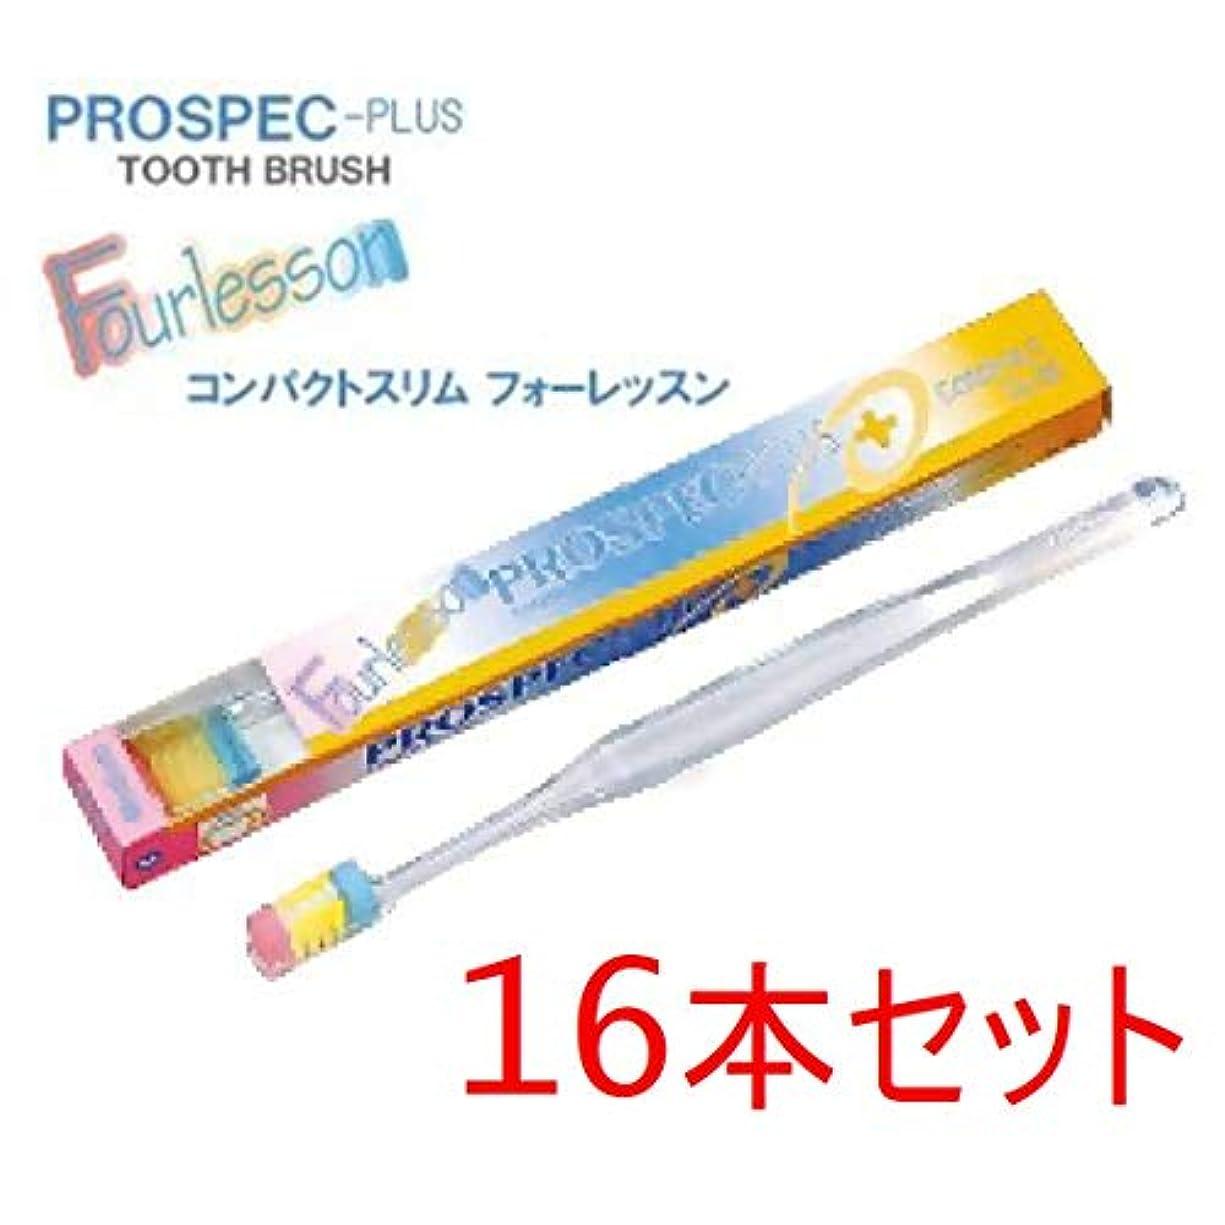 棚住所入射プロスペック 歯ブラシ コンパクトスリム 16本 フォーレッスン 毛の硬さ ふつう